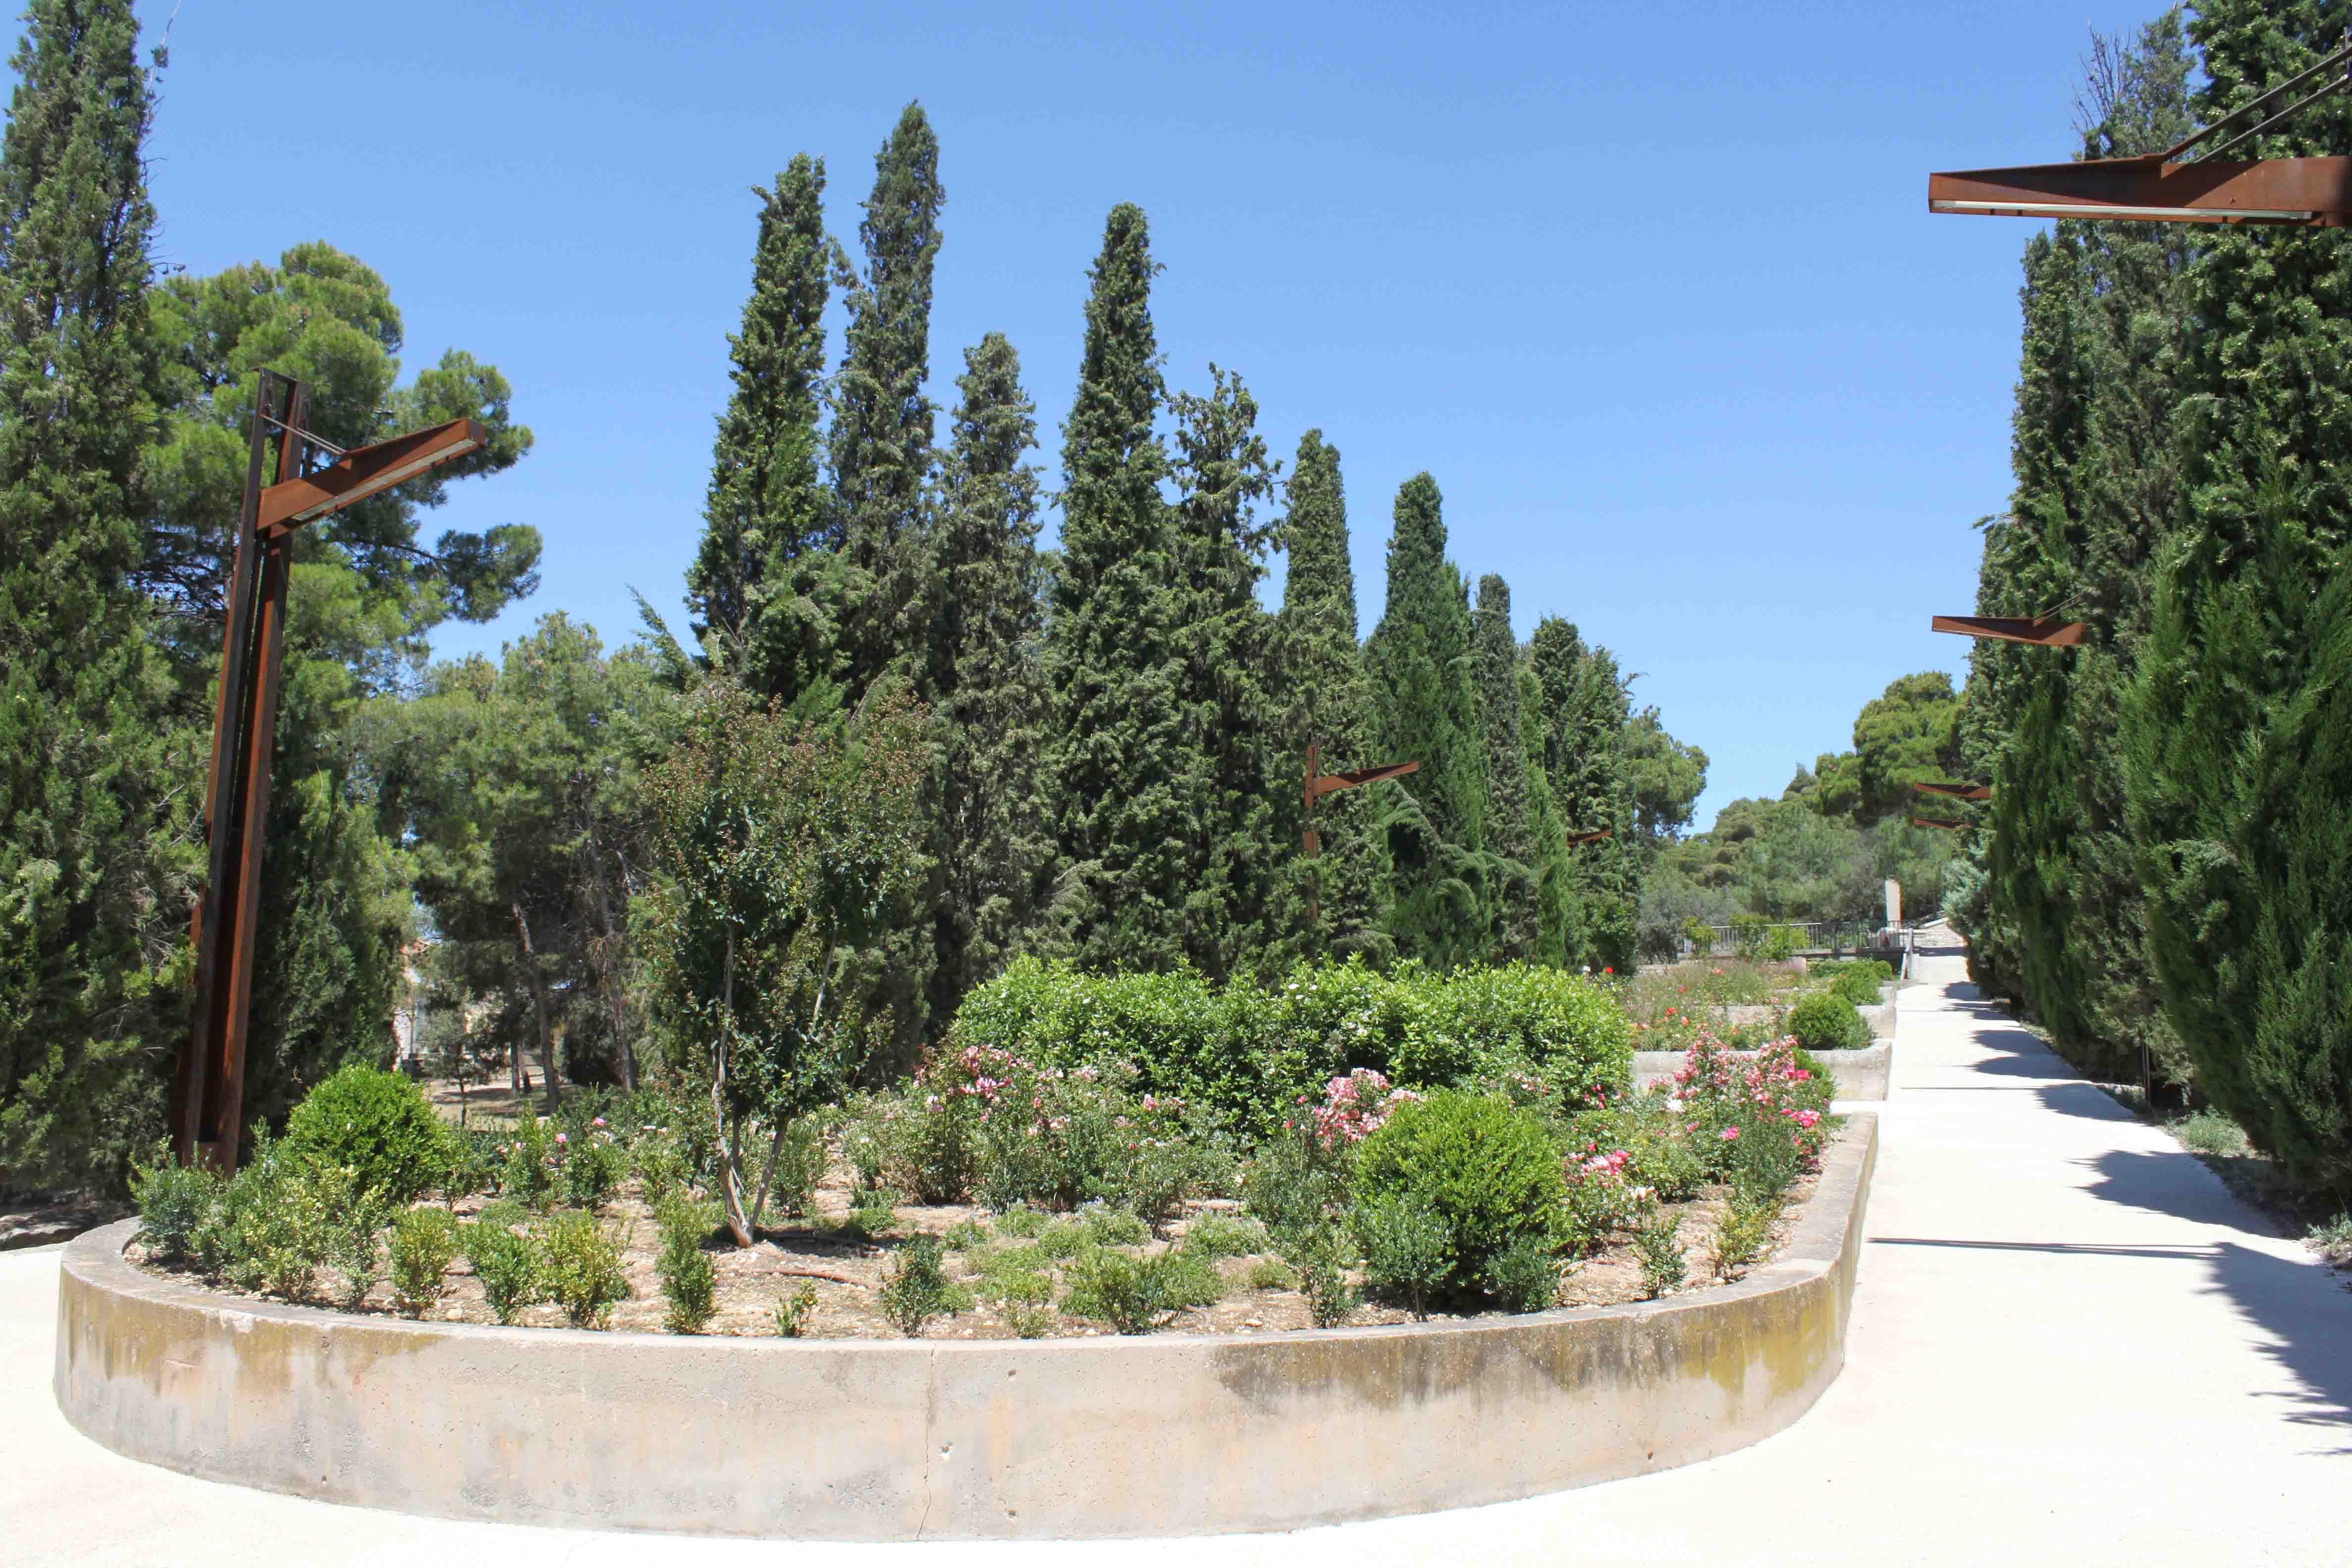 L'Ajuntament de Tàrrega adjudica els treballs de jardineria del Parc de Sant Eloi a l'Associació Alba